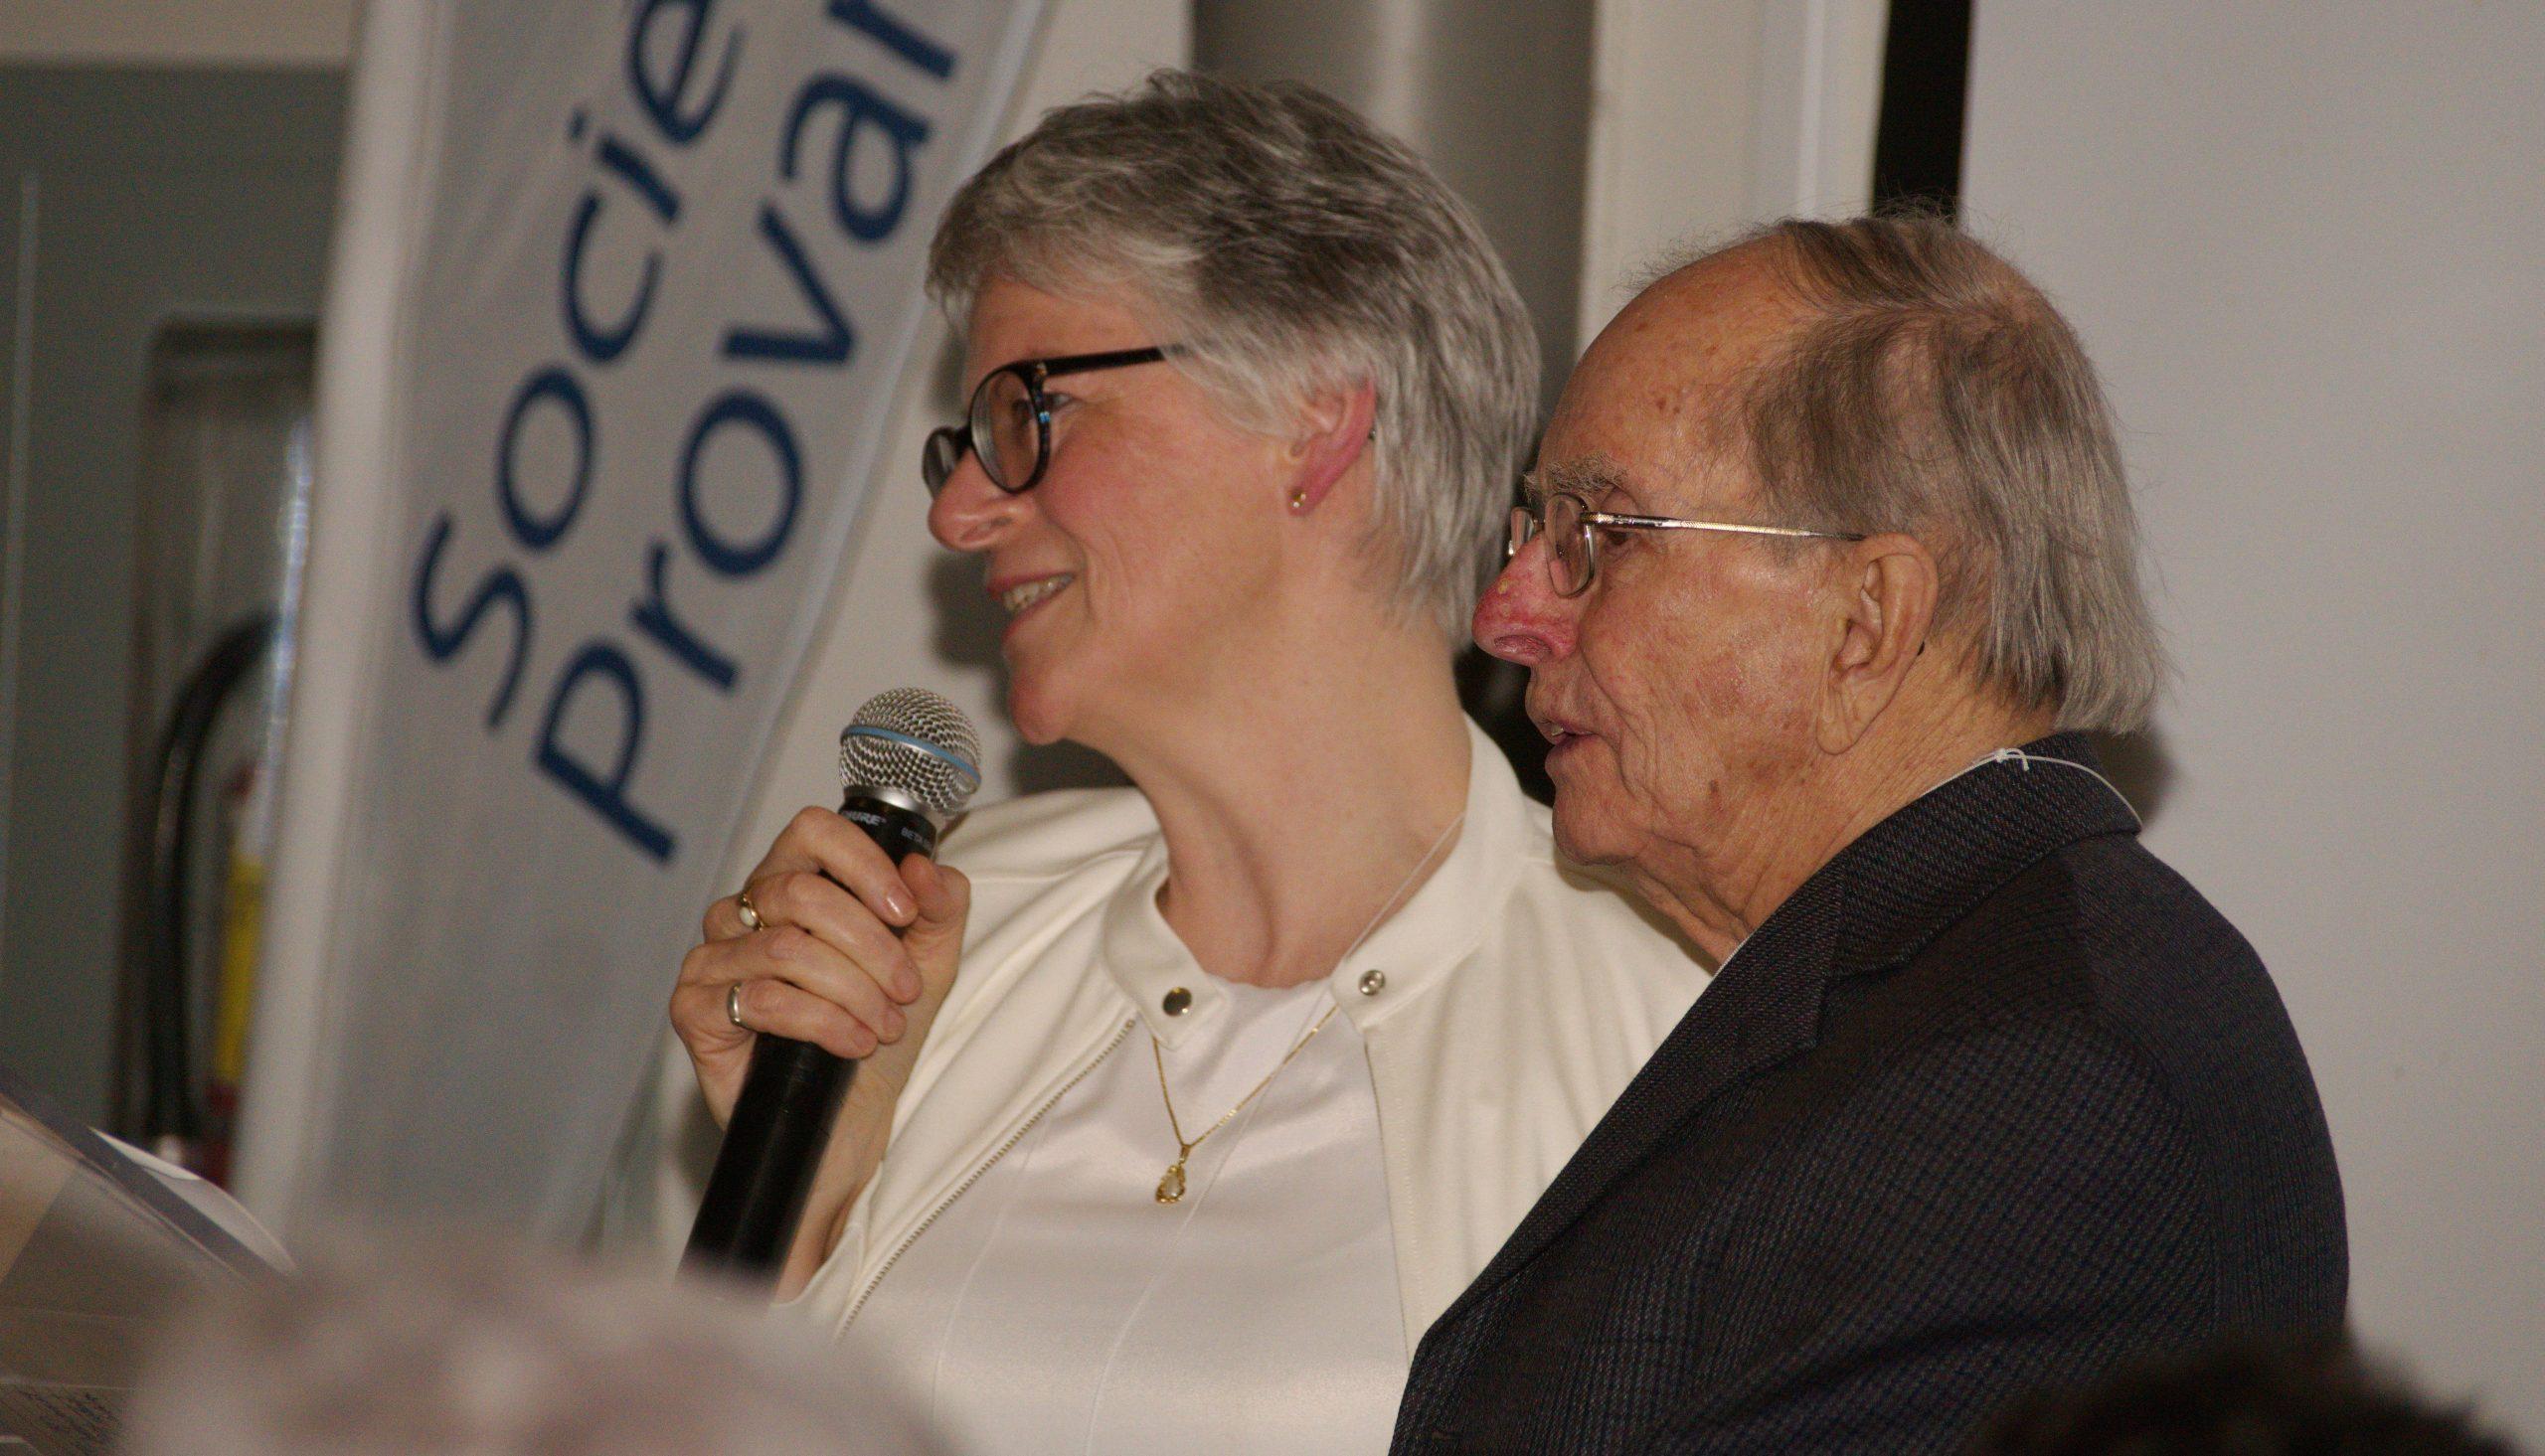 M. François Hamel était présent lors de la cérémonie d'ouverture du 100 anniversaire de la Société Provancher à l'Aquarium du Québec. Mme Élisabeth Bossert, alors vice-présidente, a présenté cet éminent membre aux participants. . Photo: Nicole Bruneau.